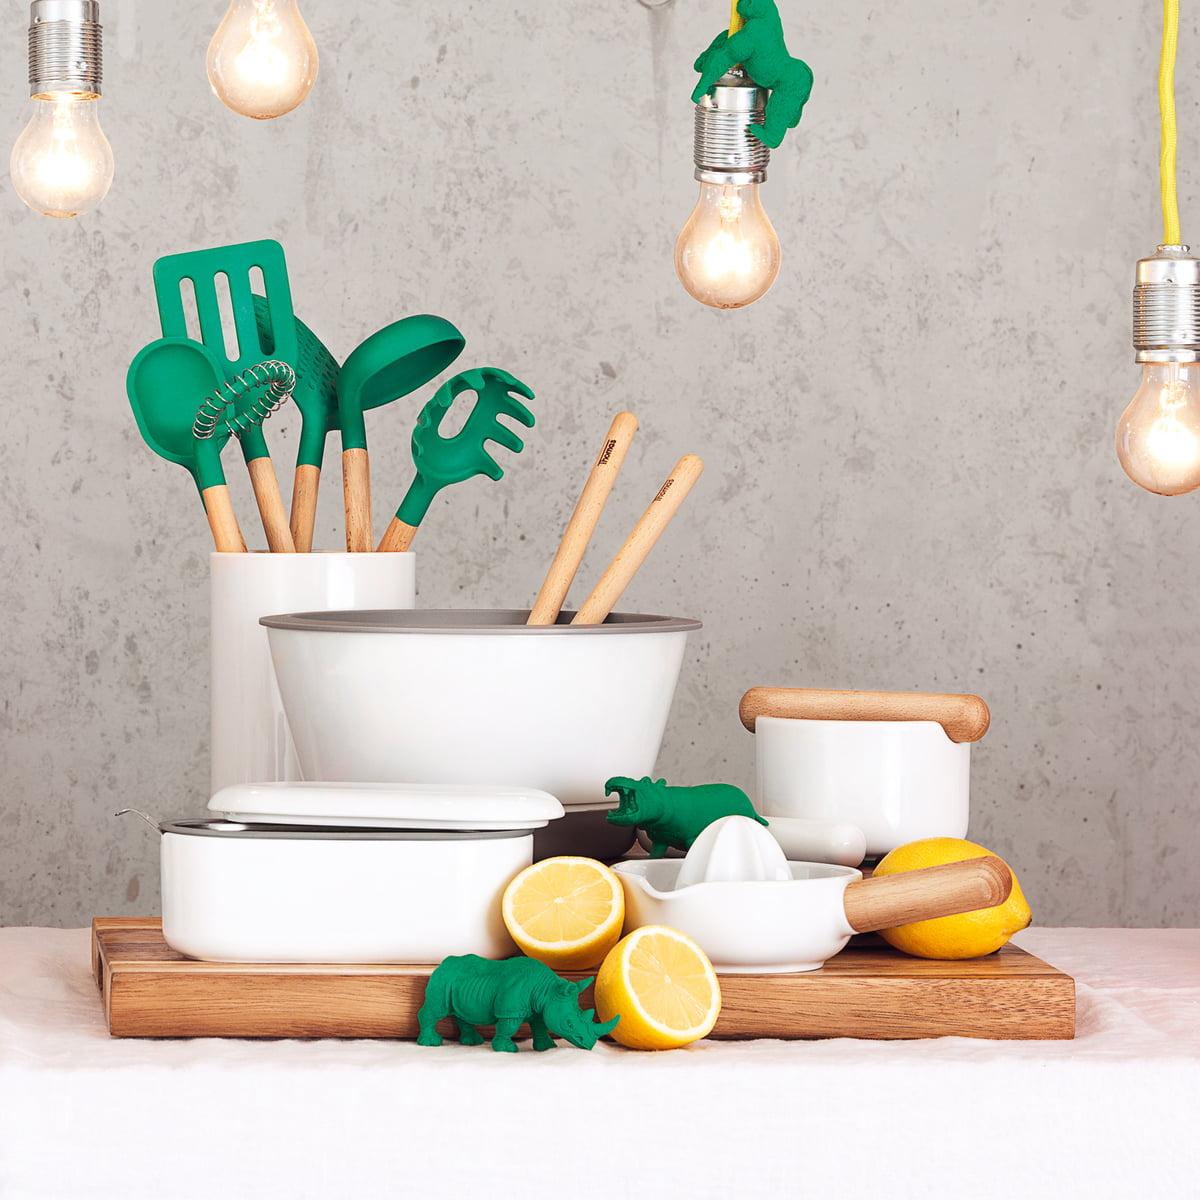 salatbesteck von thomas im connox shop kaufen. Black Bedroom Furniture Sets. Home Design Ideas